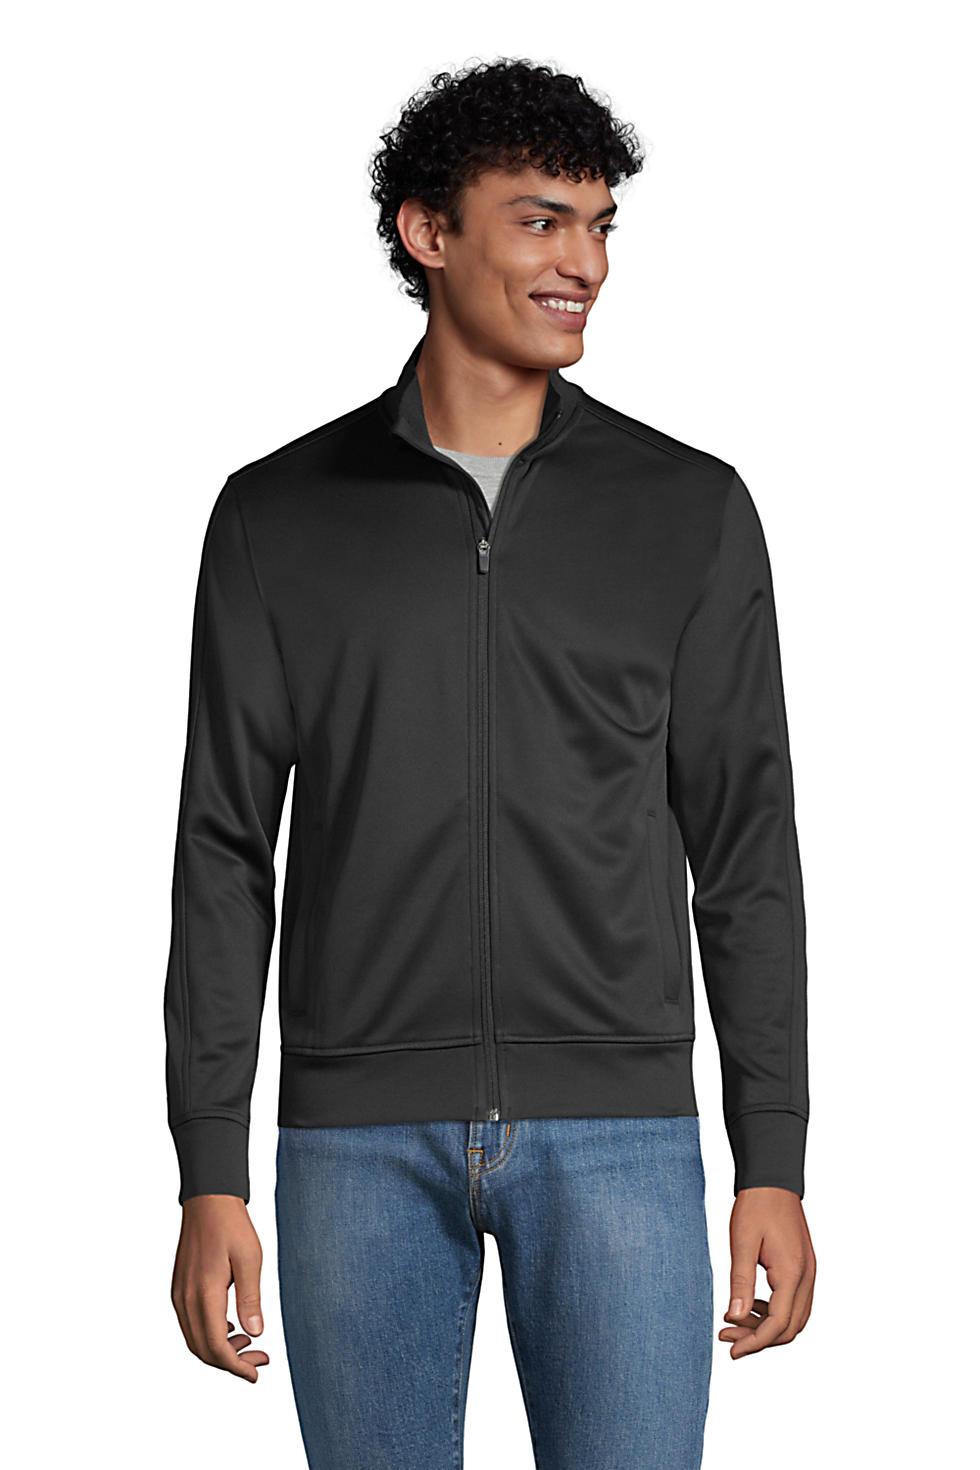 Lands' End Men's Active Full Zip Jacket